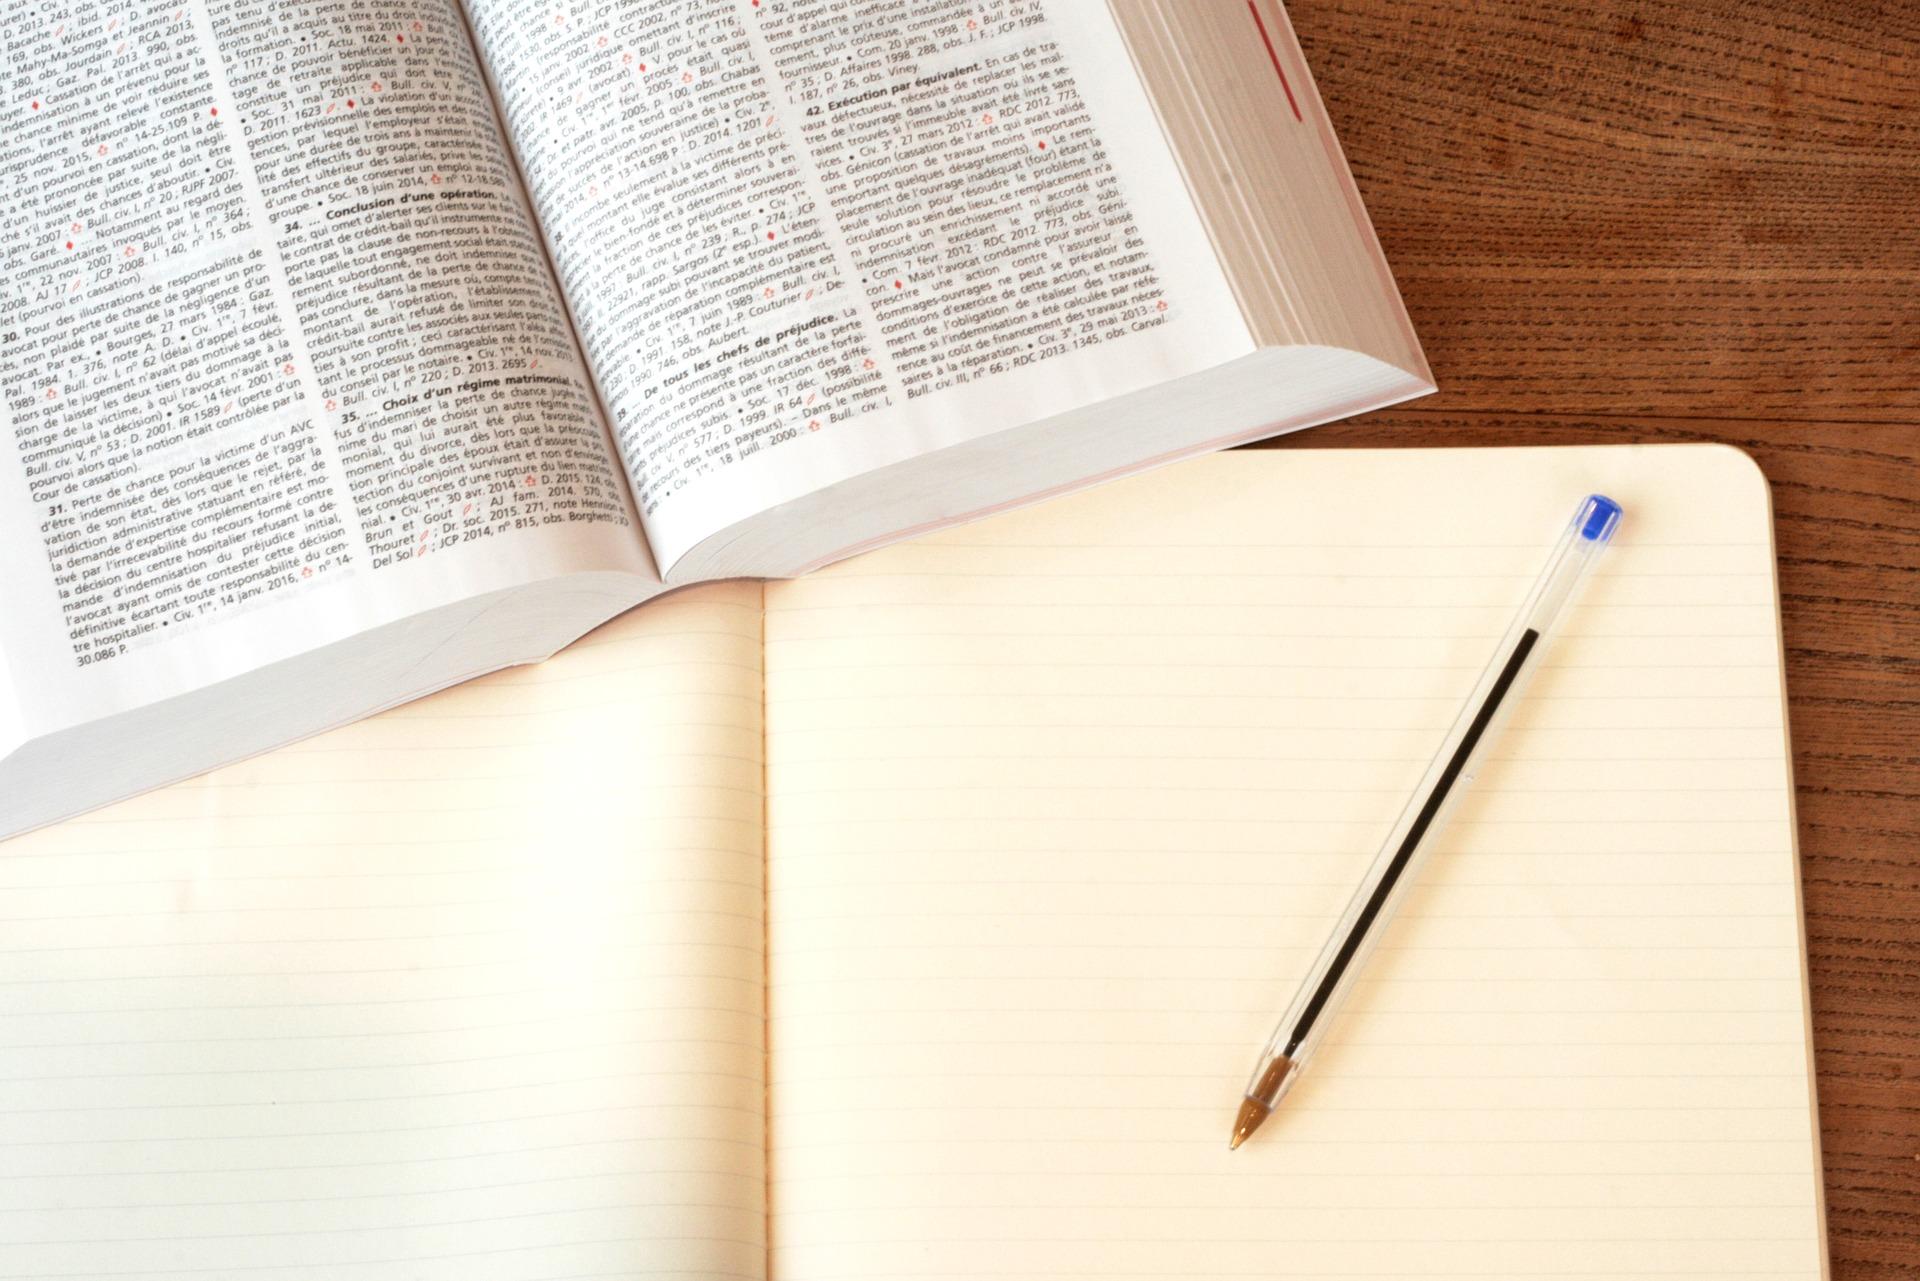 Skrivetips for deg som skal bli advokat